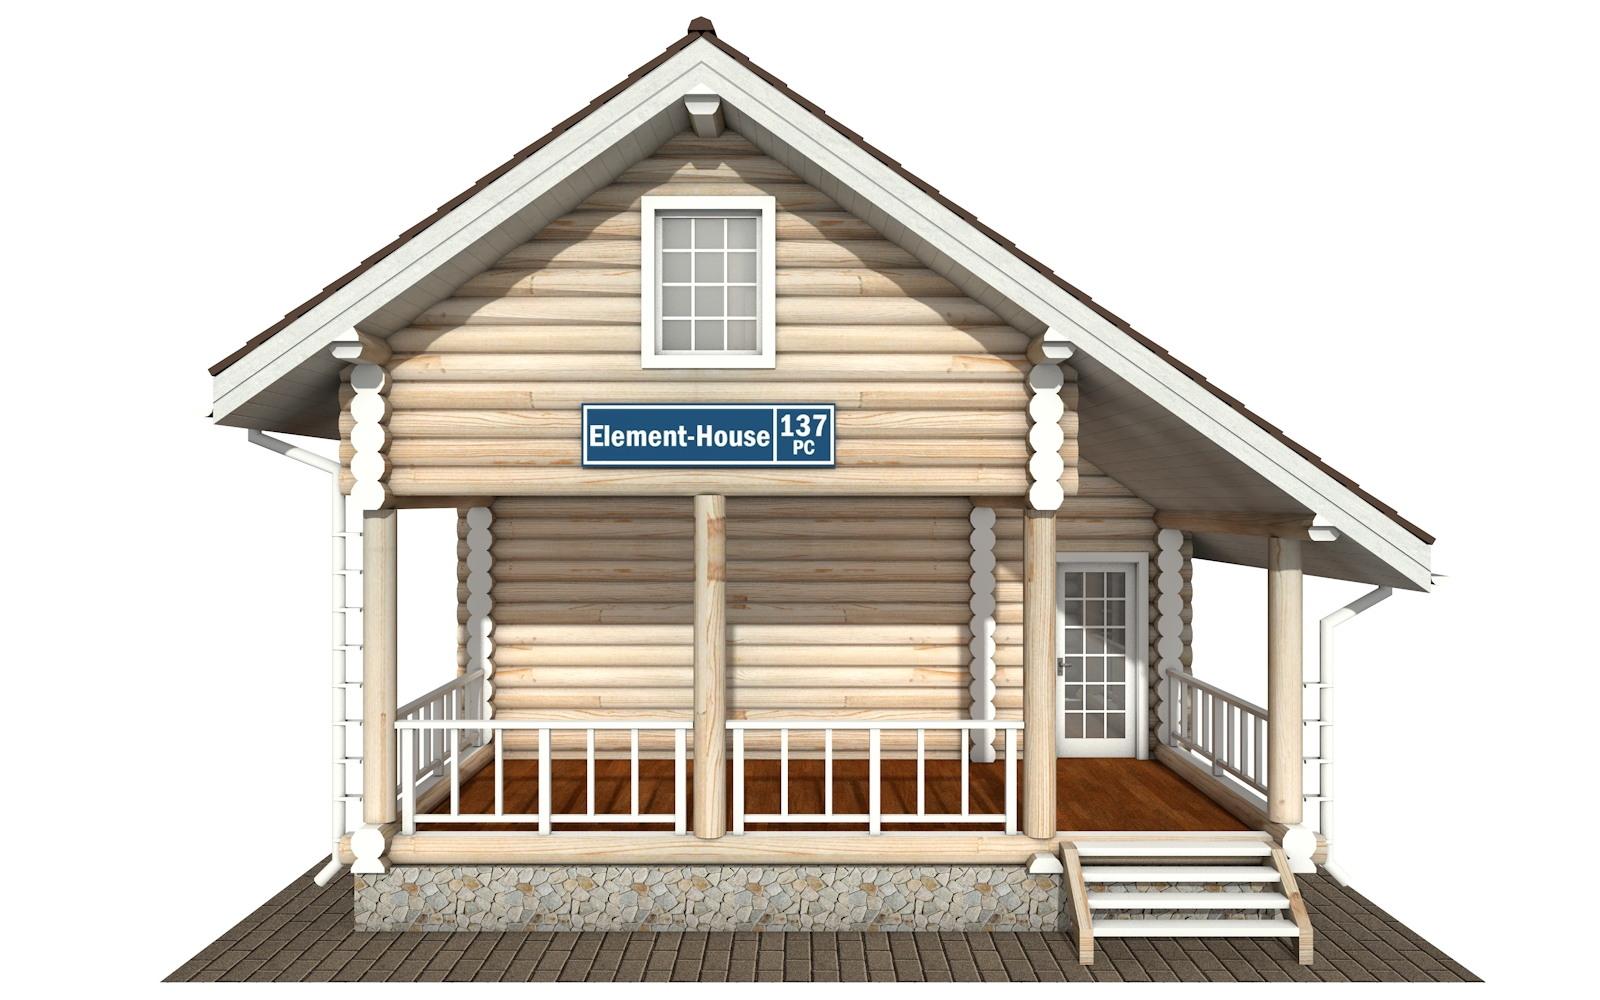 Фото #6: Красивый деревянный дом РС-137 из бревна